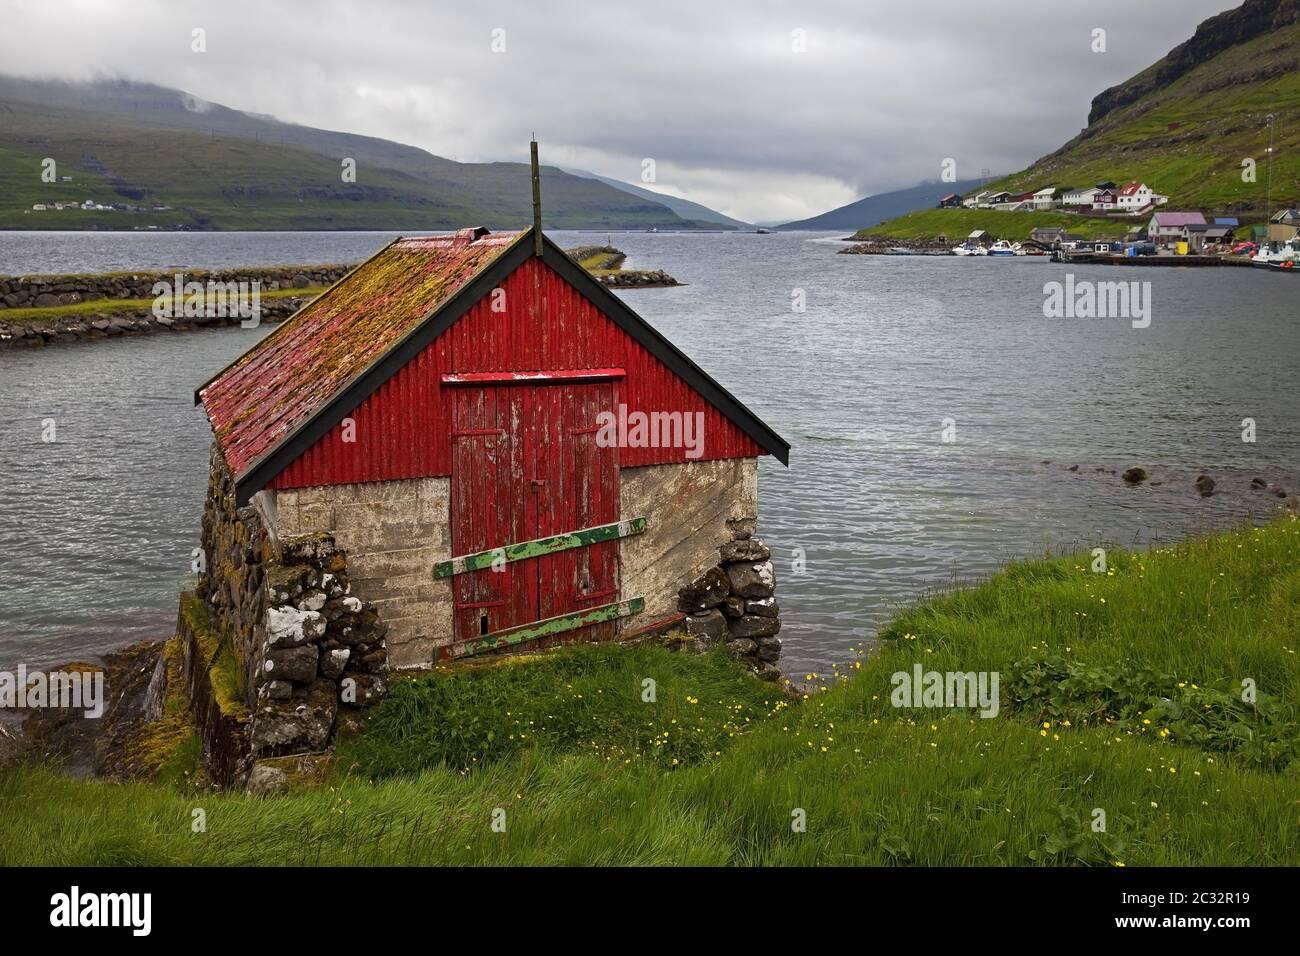 Pequeña casa de pescadores en el Atlántico en la ciudad de Haldarsvik, Streymoy, Faroeer, Dinamarca Foto de stock